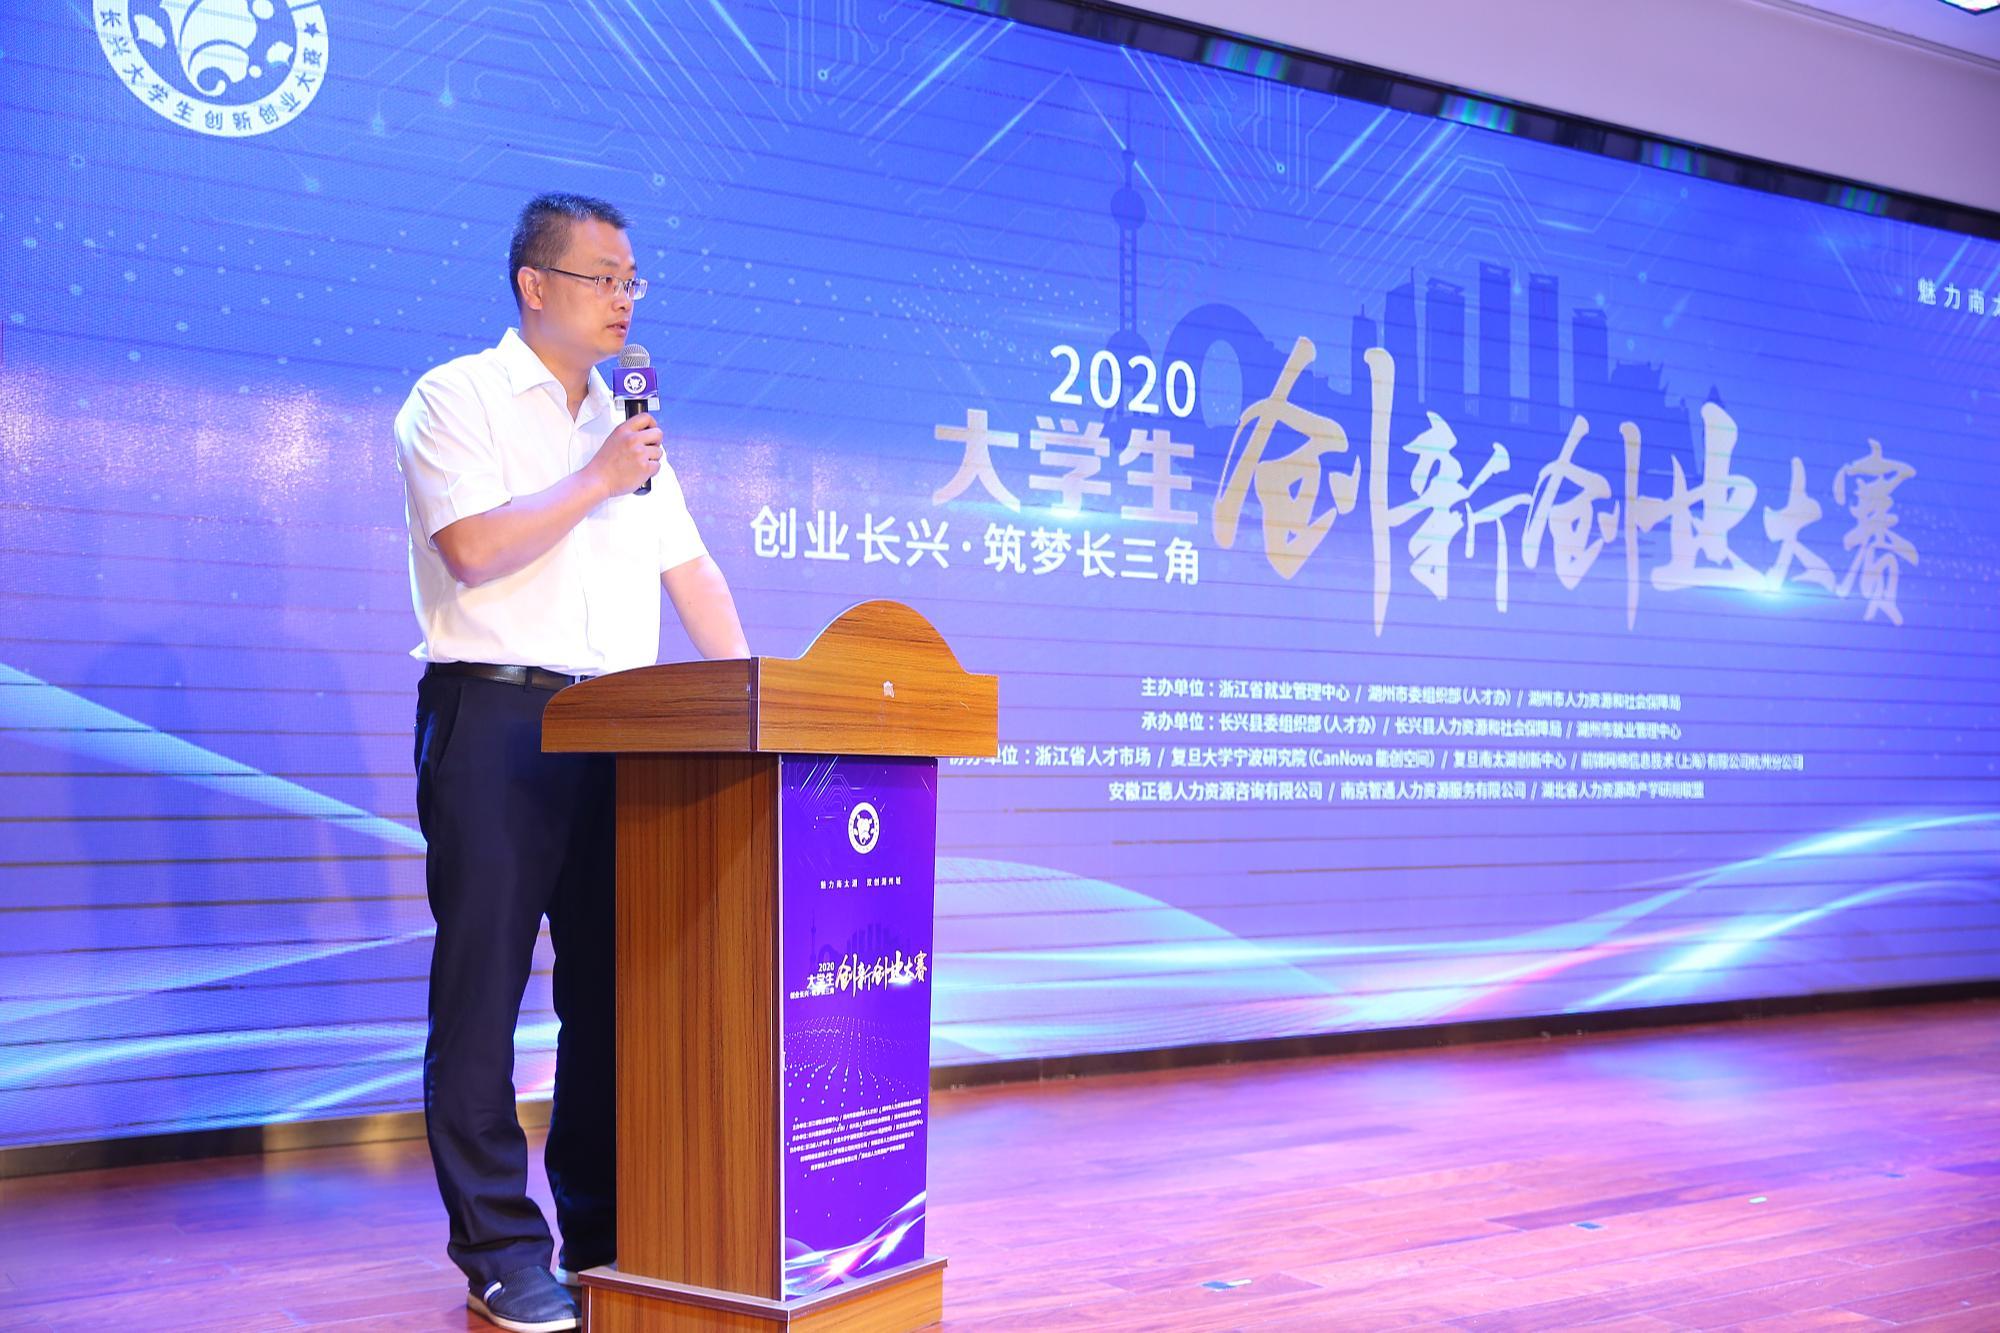 """2020""""创业长兴筑梦长三角""""大学生创新创业大赛上海站圆满落幕"""